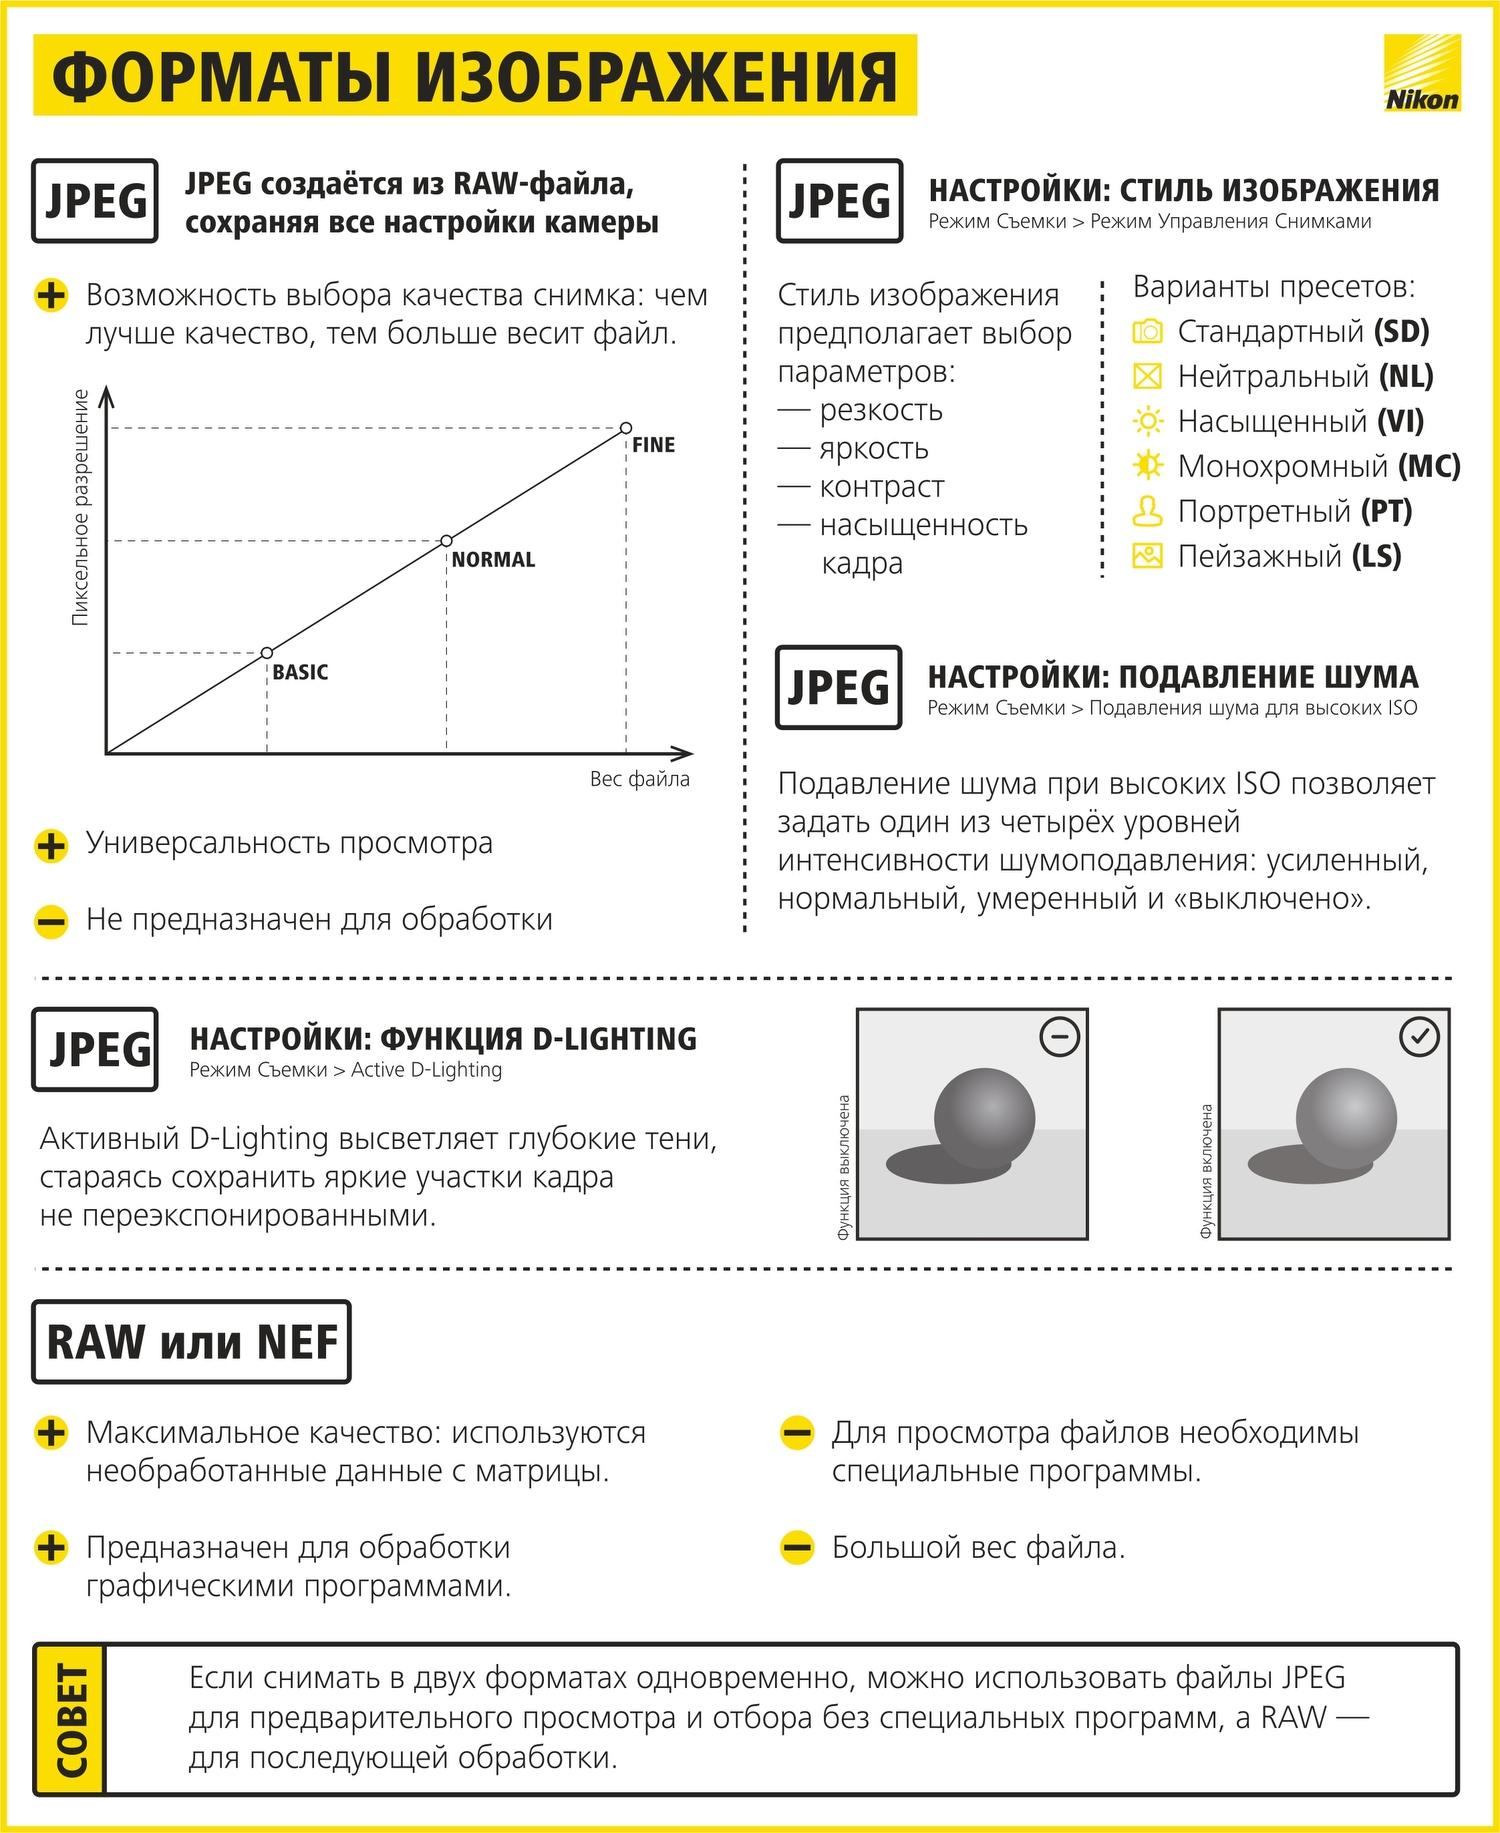 Как научиться фотографировать: пошаговая инструкция от Nikon Info_nikon_12